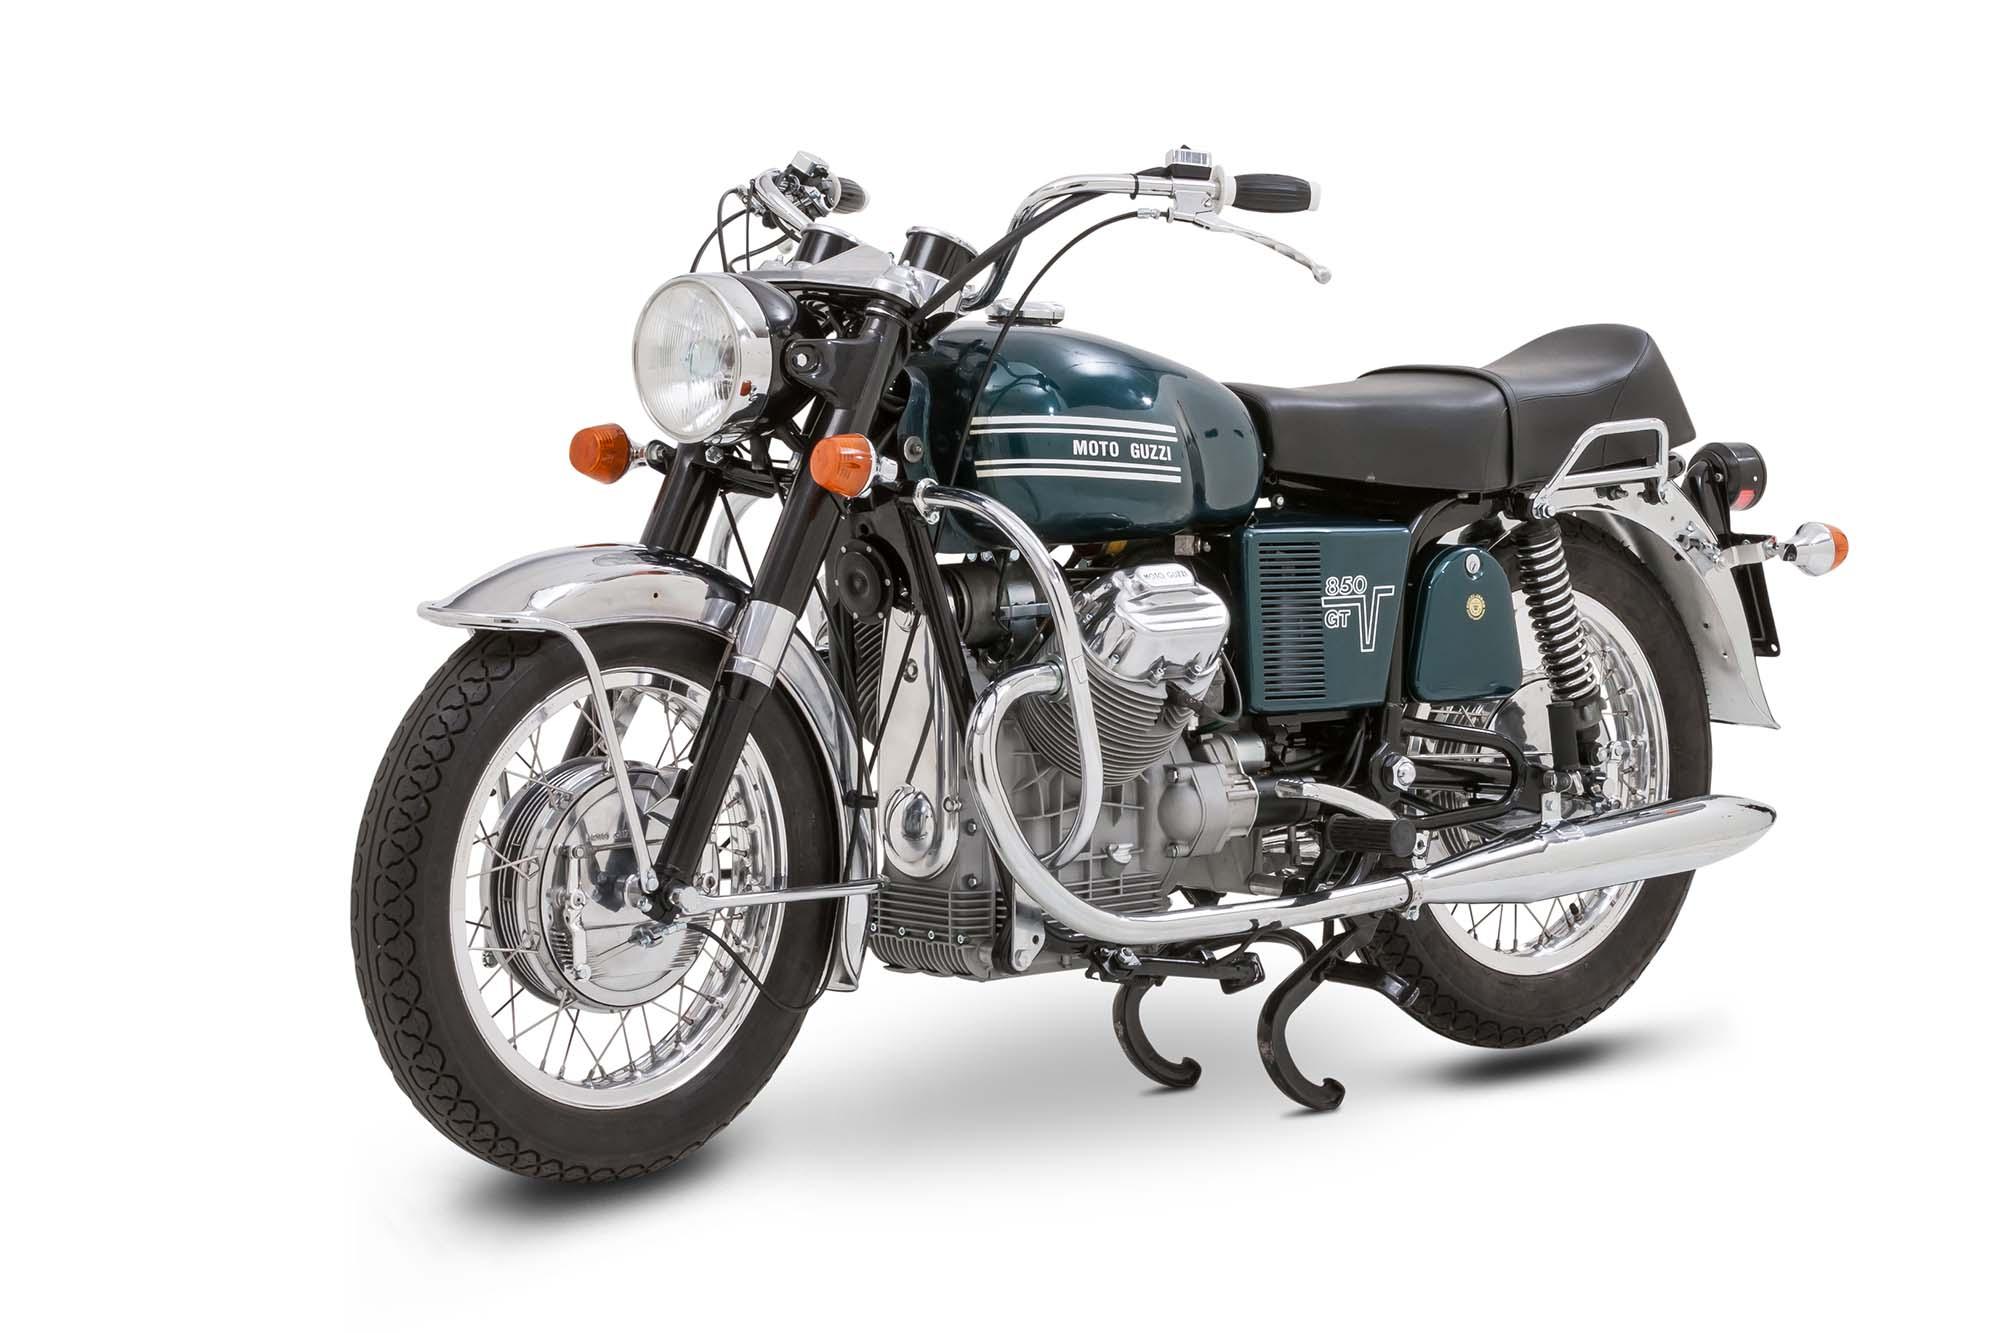 360 grad produkt einer echten moto guzzi v7 850. im braunschweiger 360 grad fotostudio können motorräder aller größen und gewichtsklassen in 360 grad fotografiert werden.